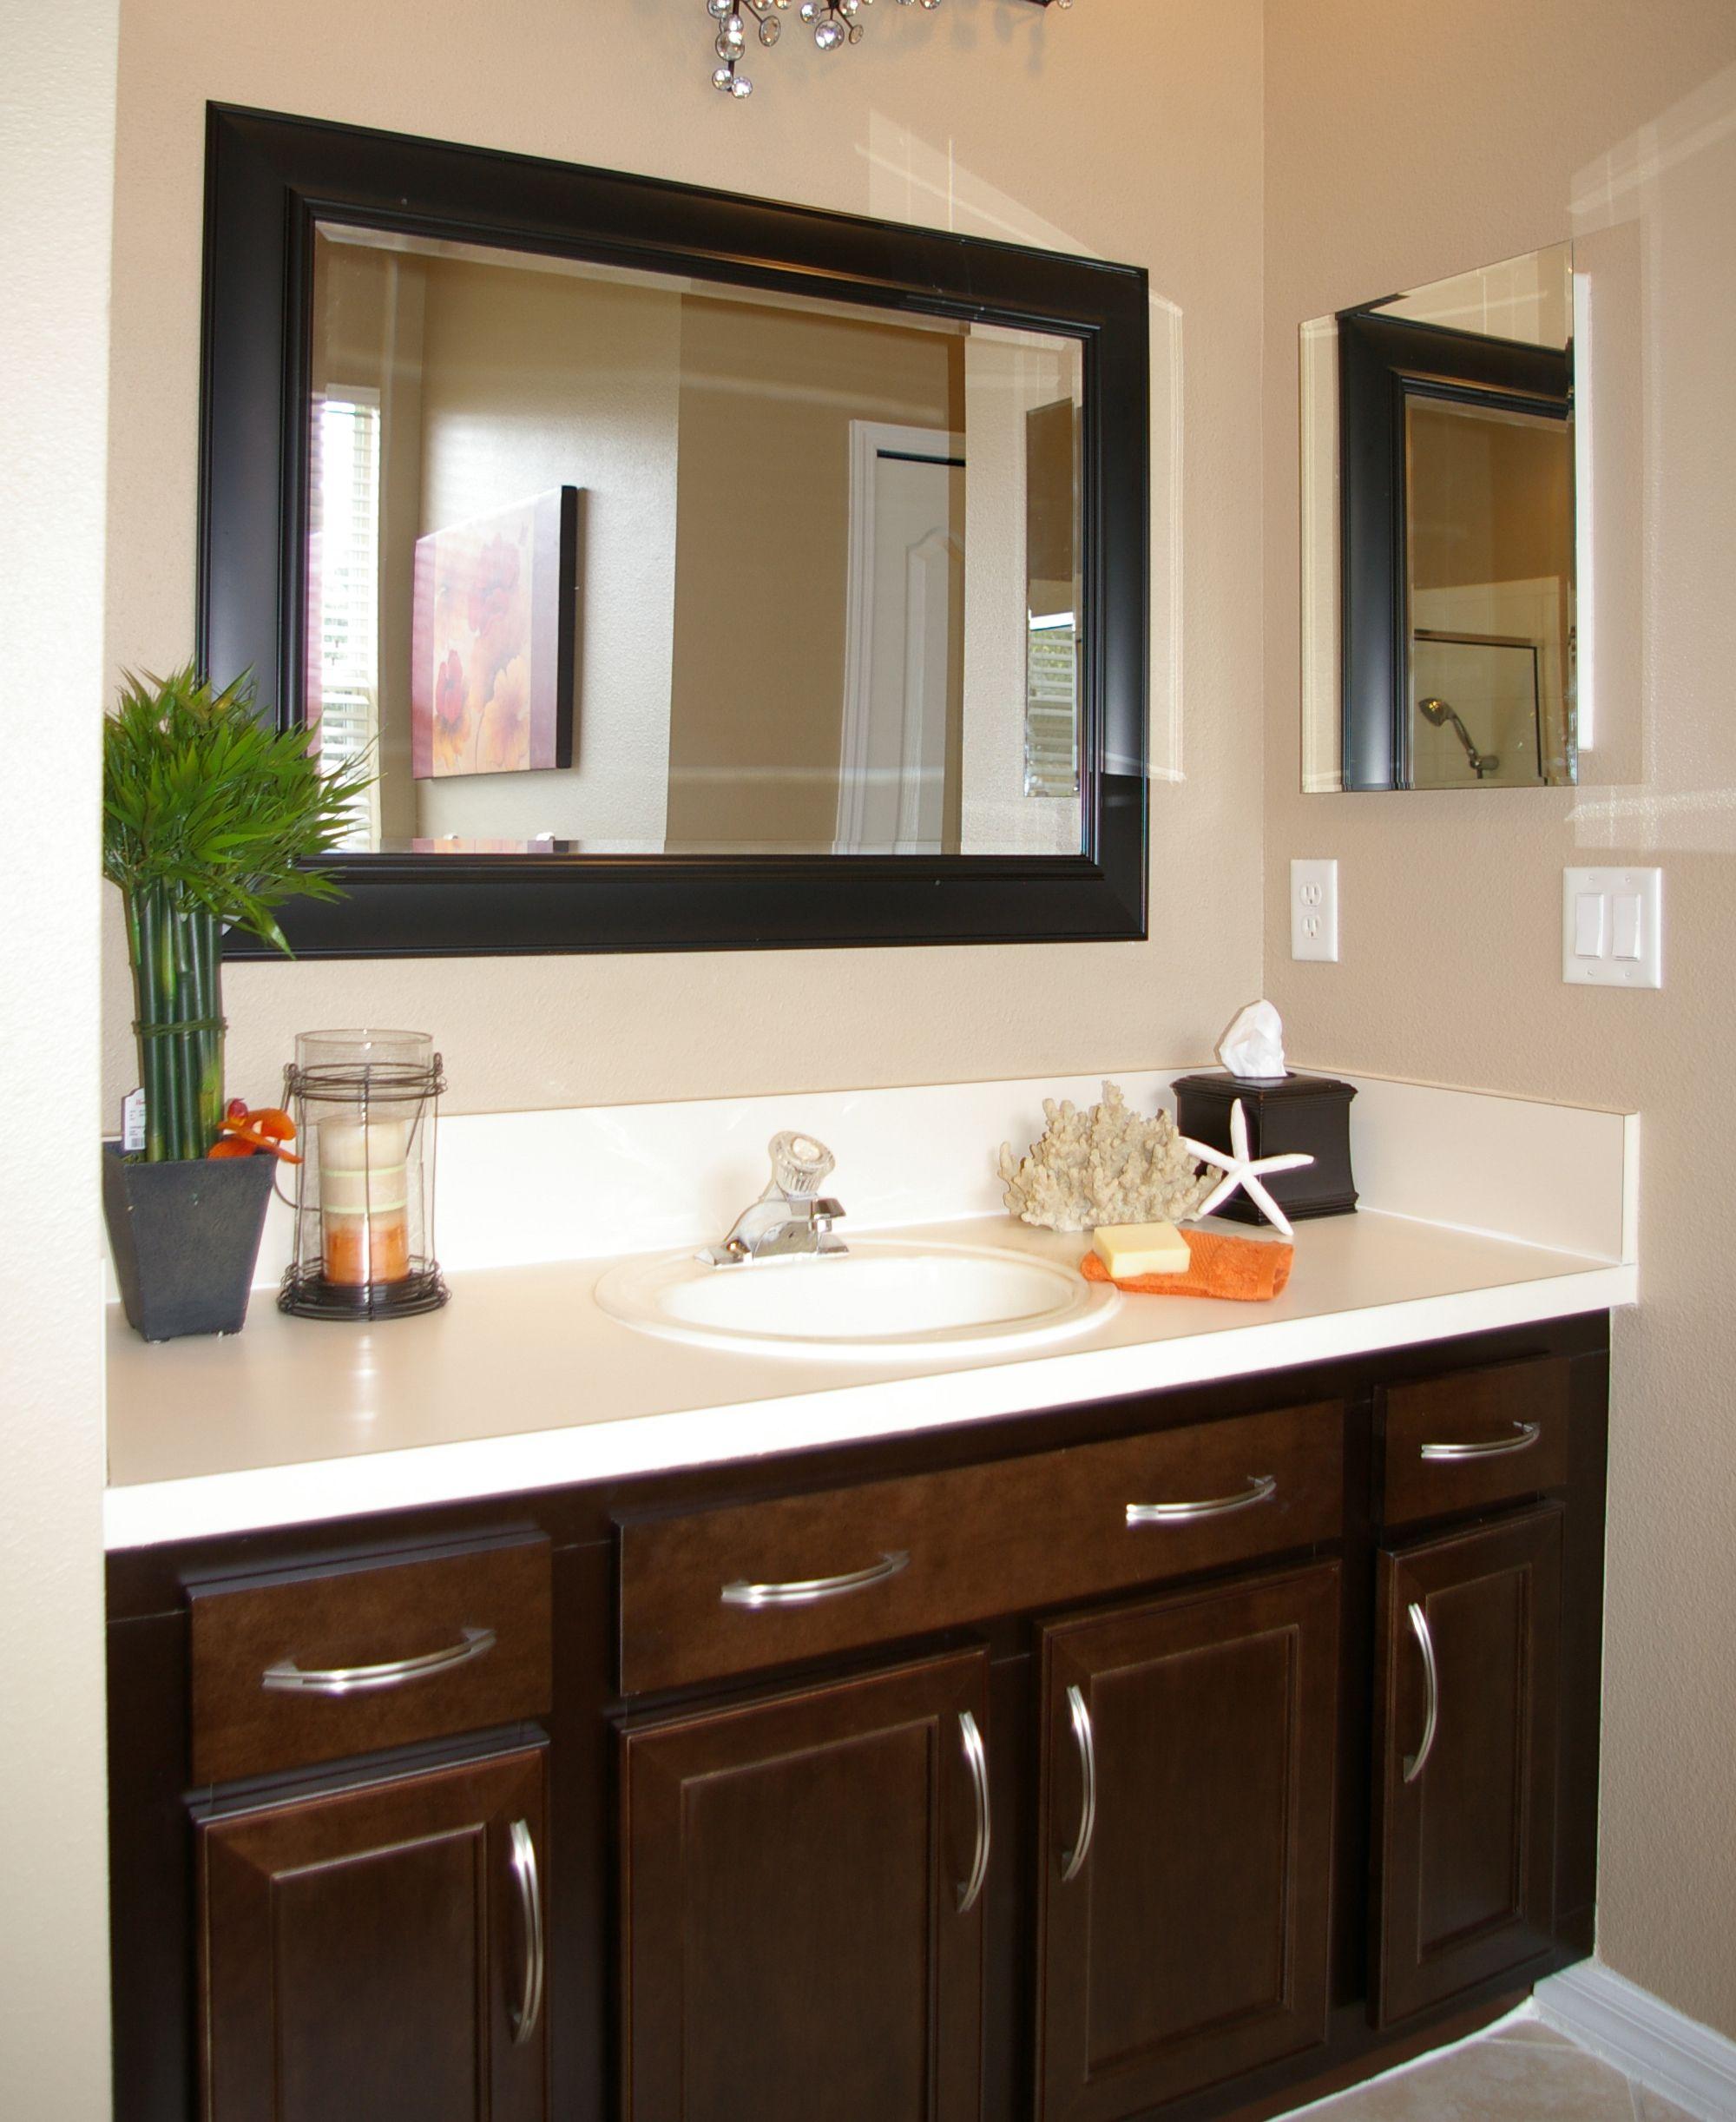 print of home depot bathroom designs bathroom design inspiration rh pinterest com